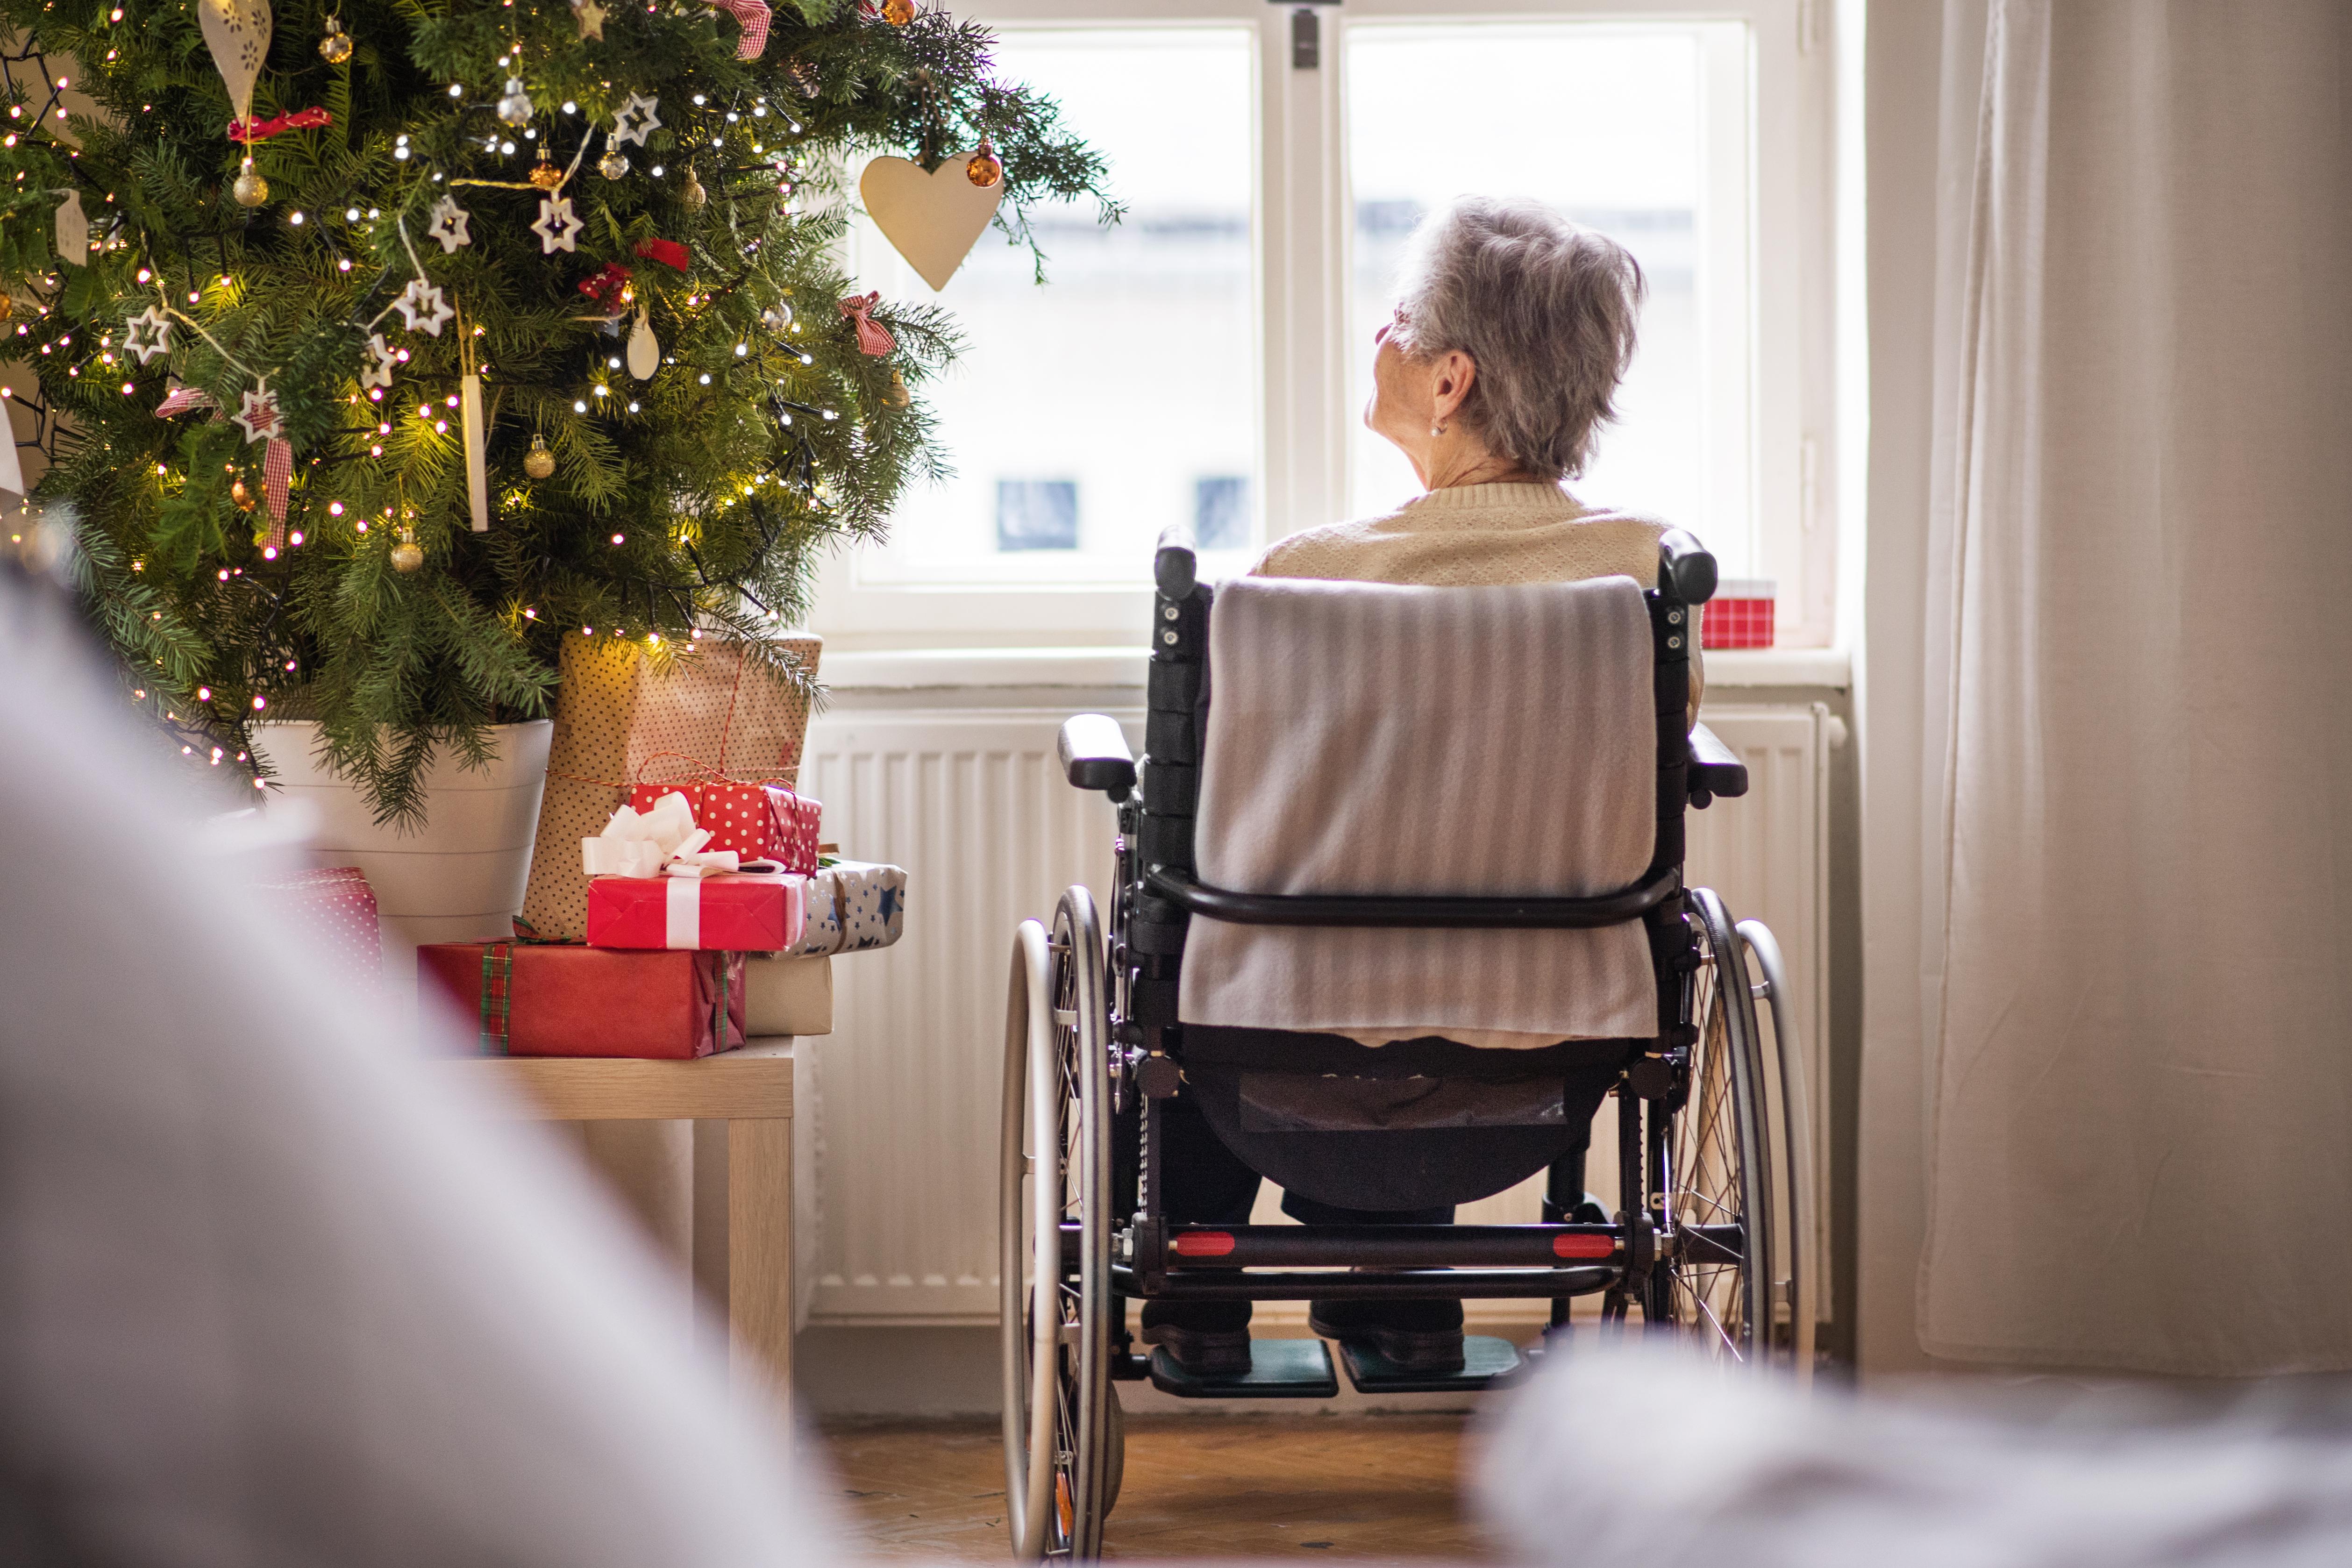 À Noël, les Petits Frères sont présents pour apporter un peu d'amour aux personnes aînées qui souffrent d'isolement